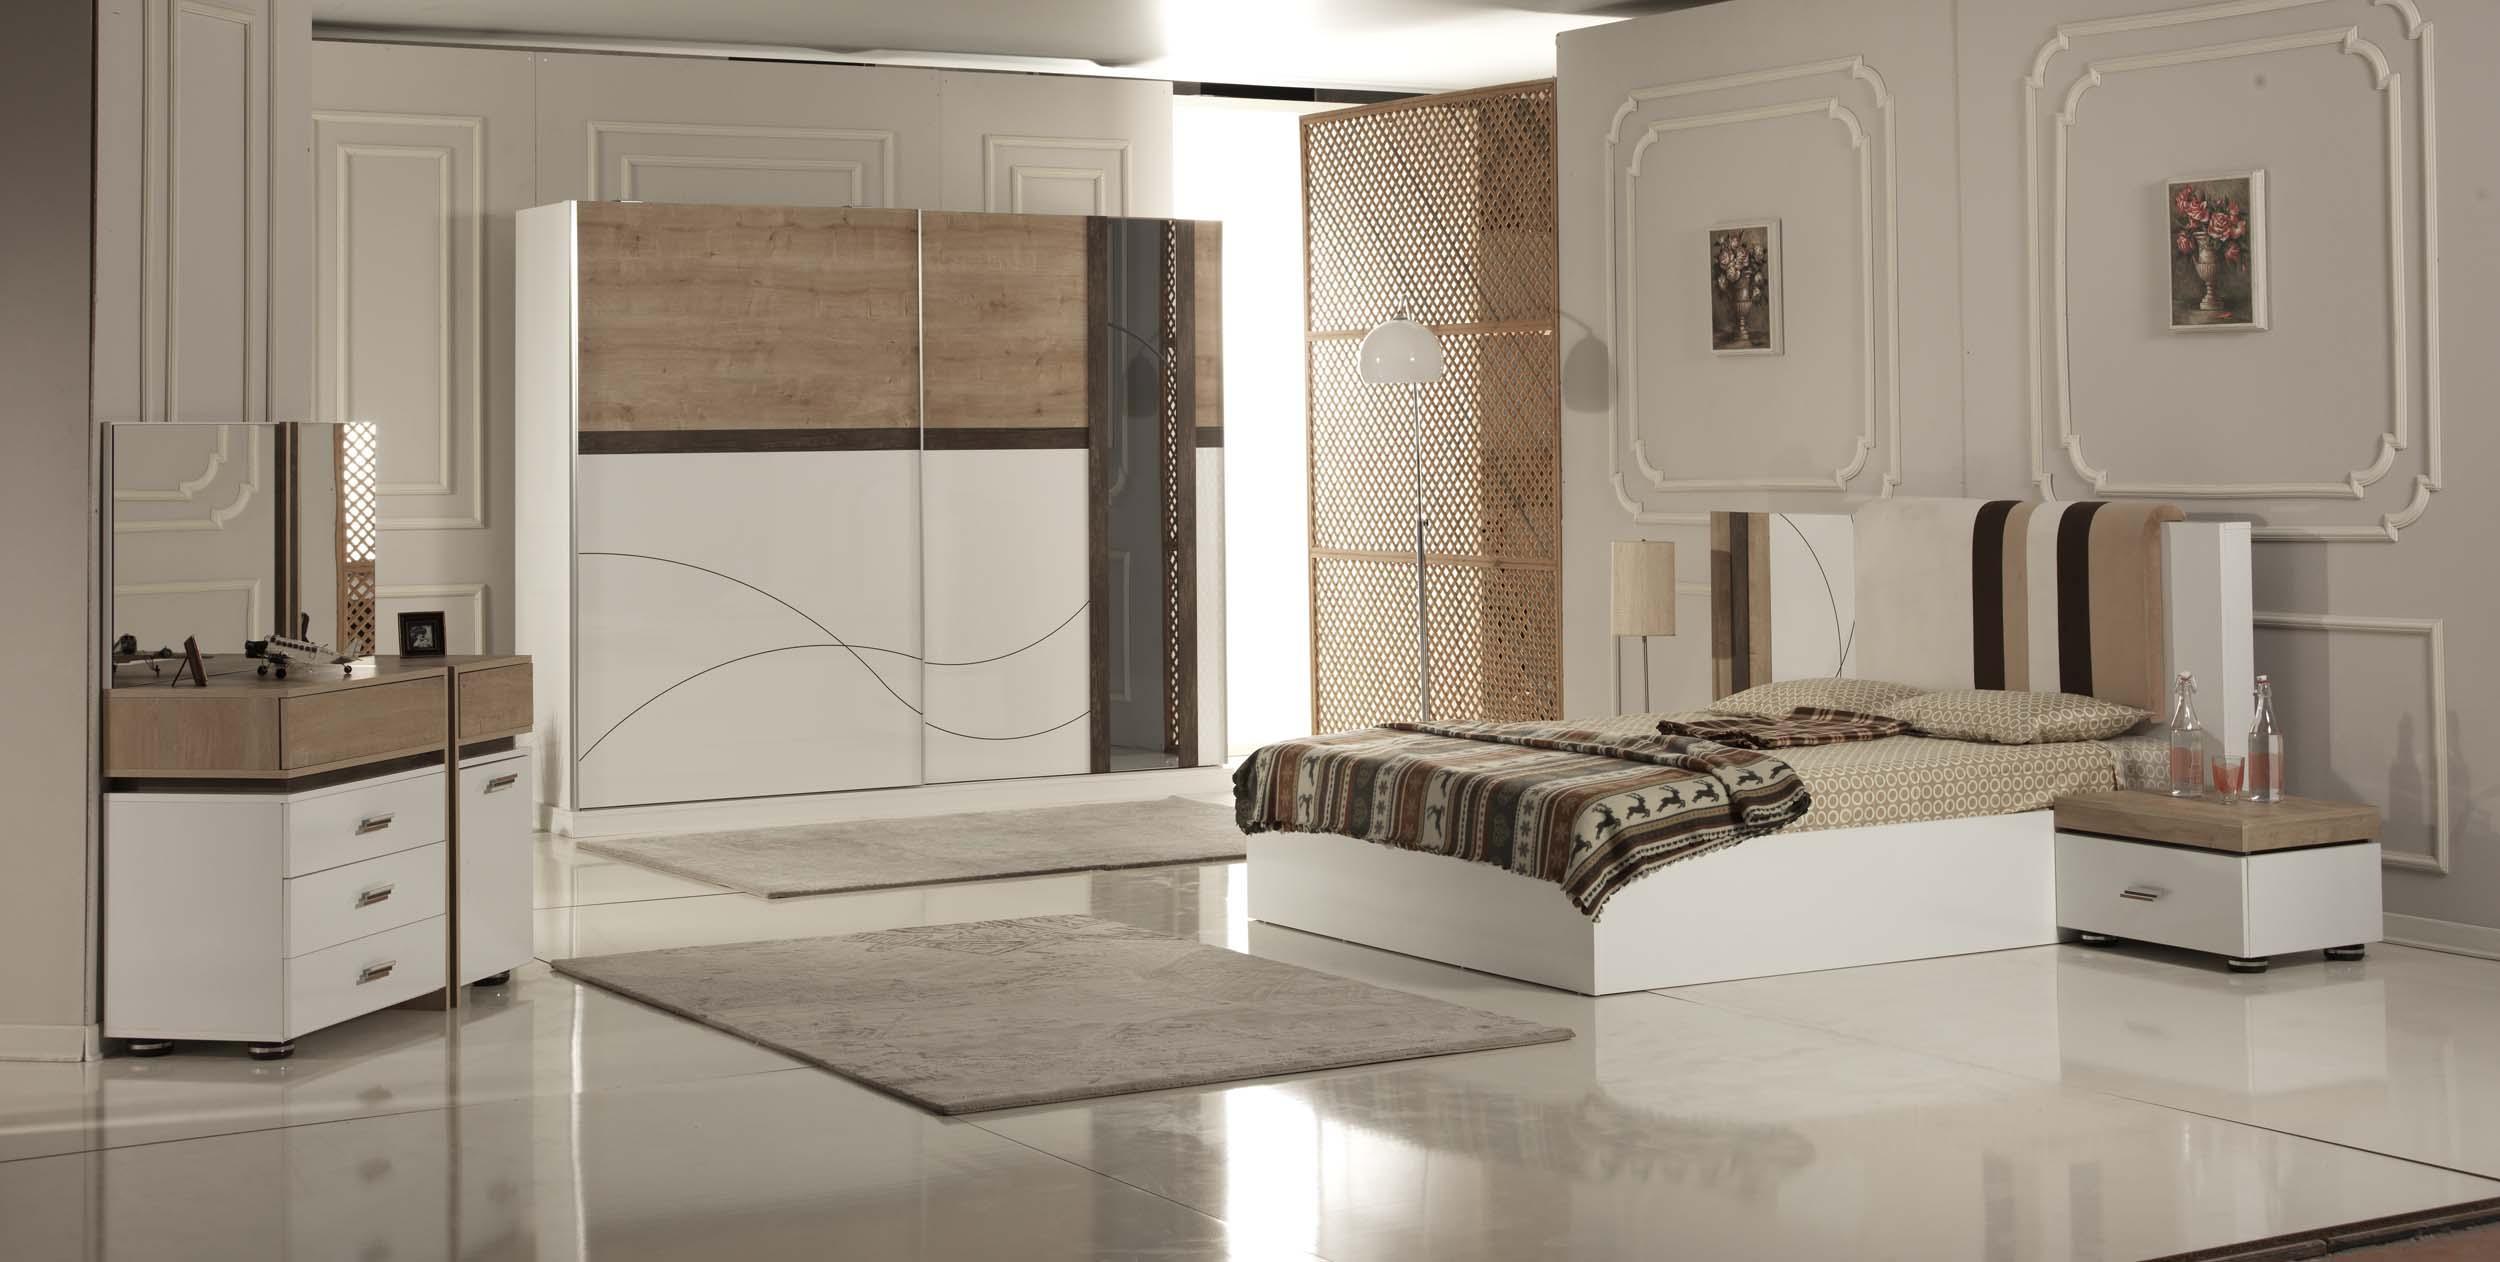 Arredamento camera da letto contemporaneo 100 0 250 0 for Arredamento contemporaneo prezzi